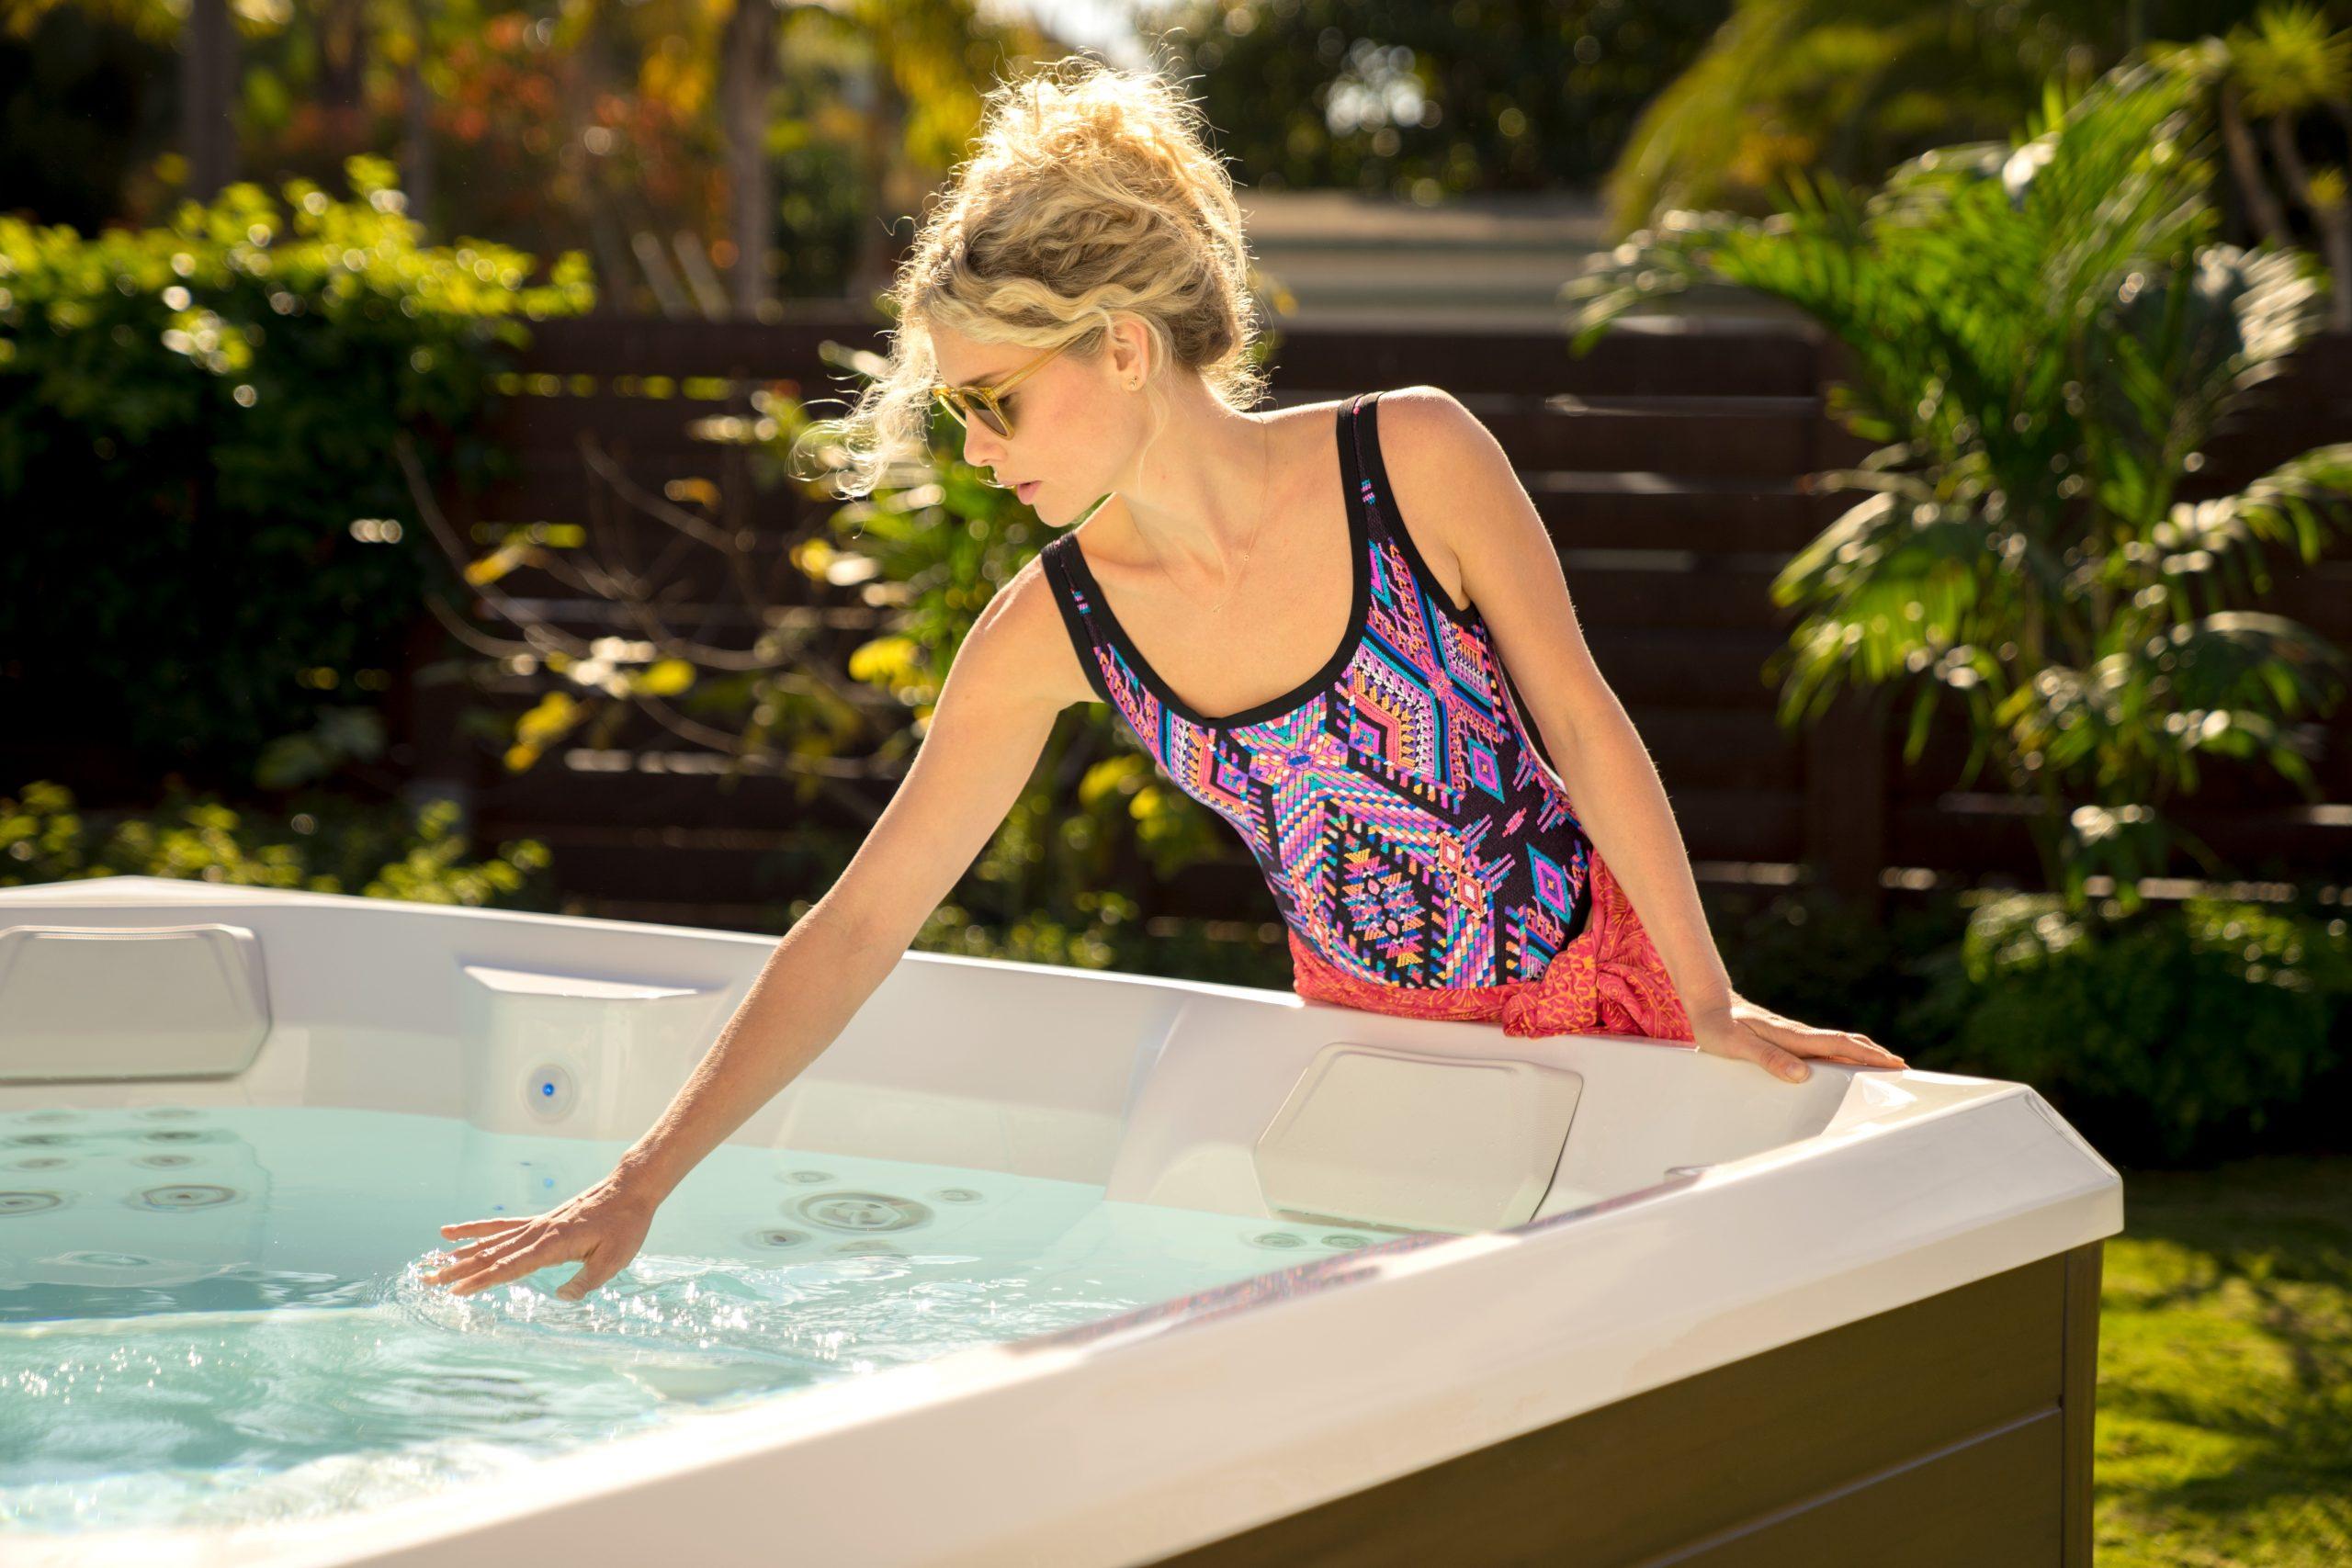 Benefits of Soaking in Salt Water